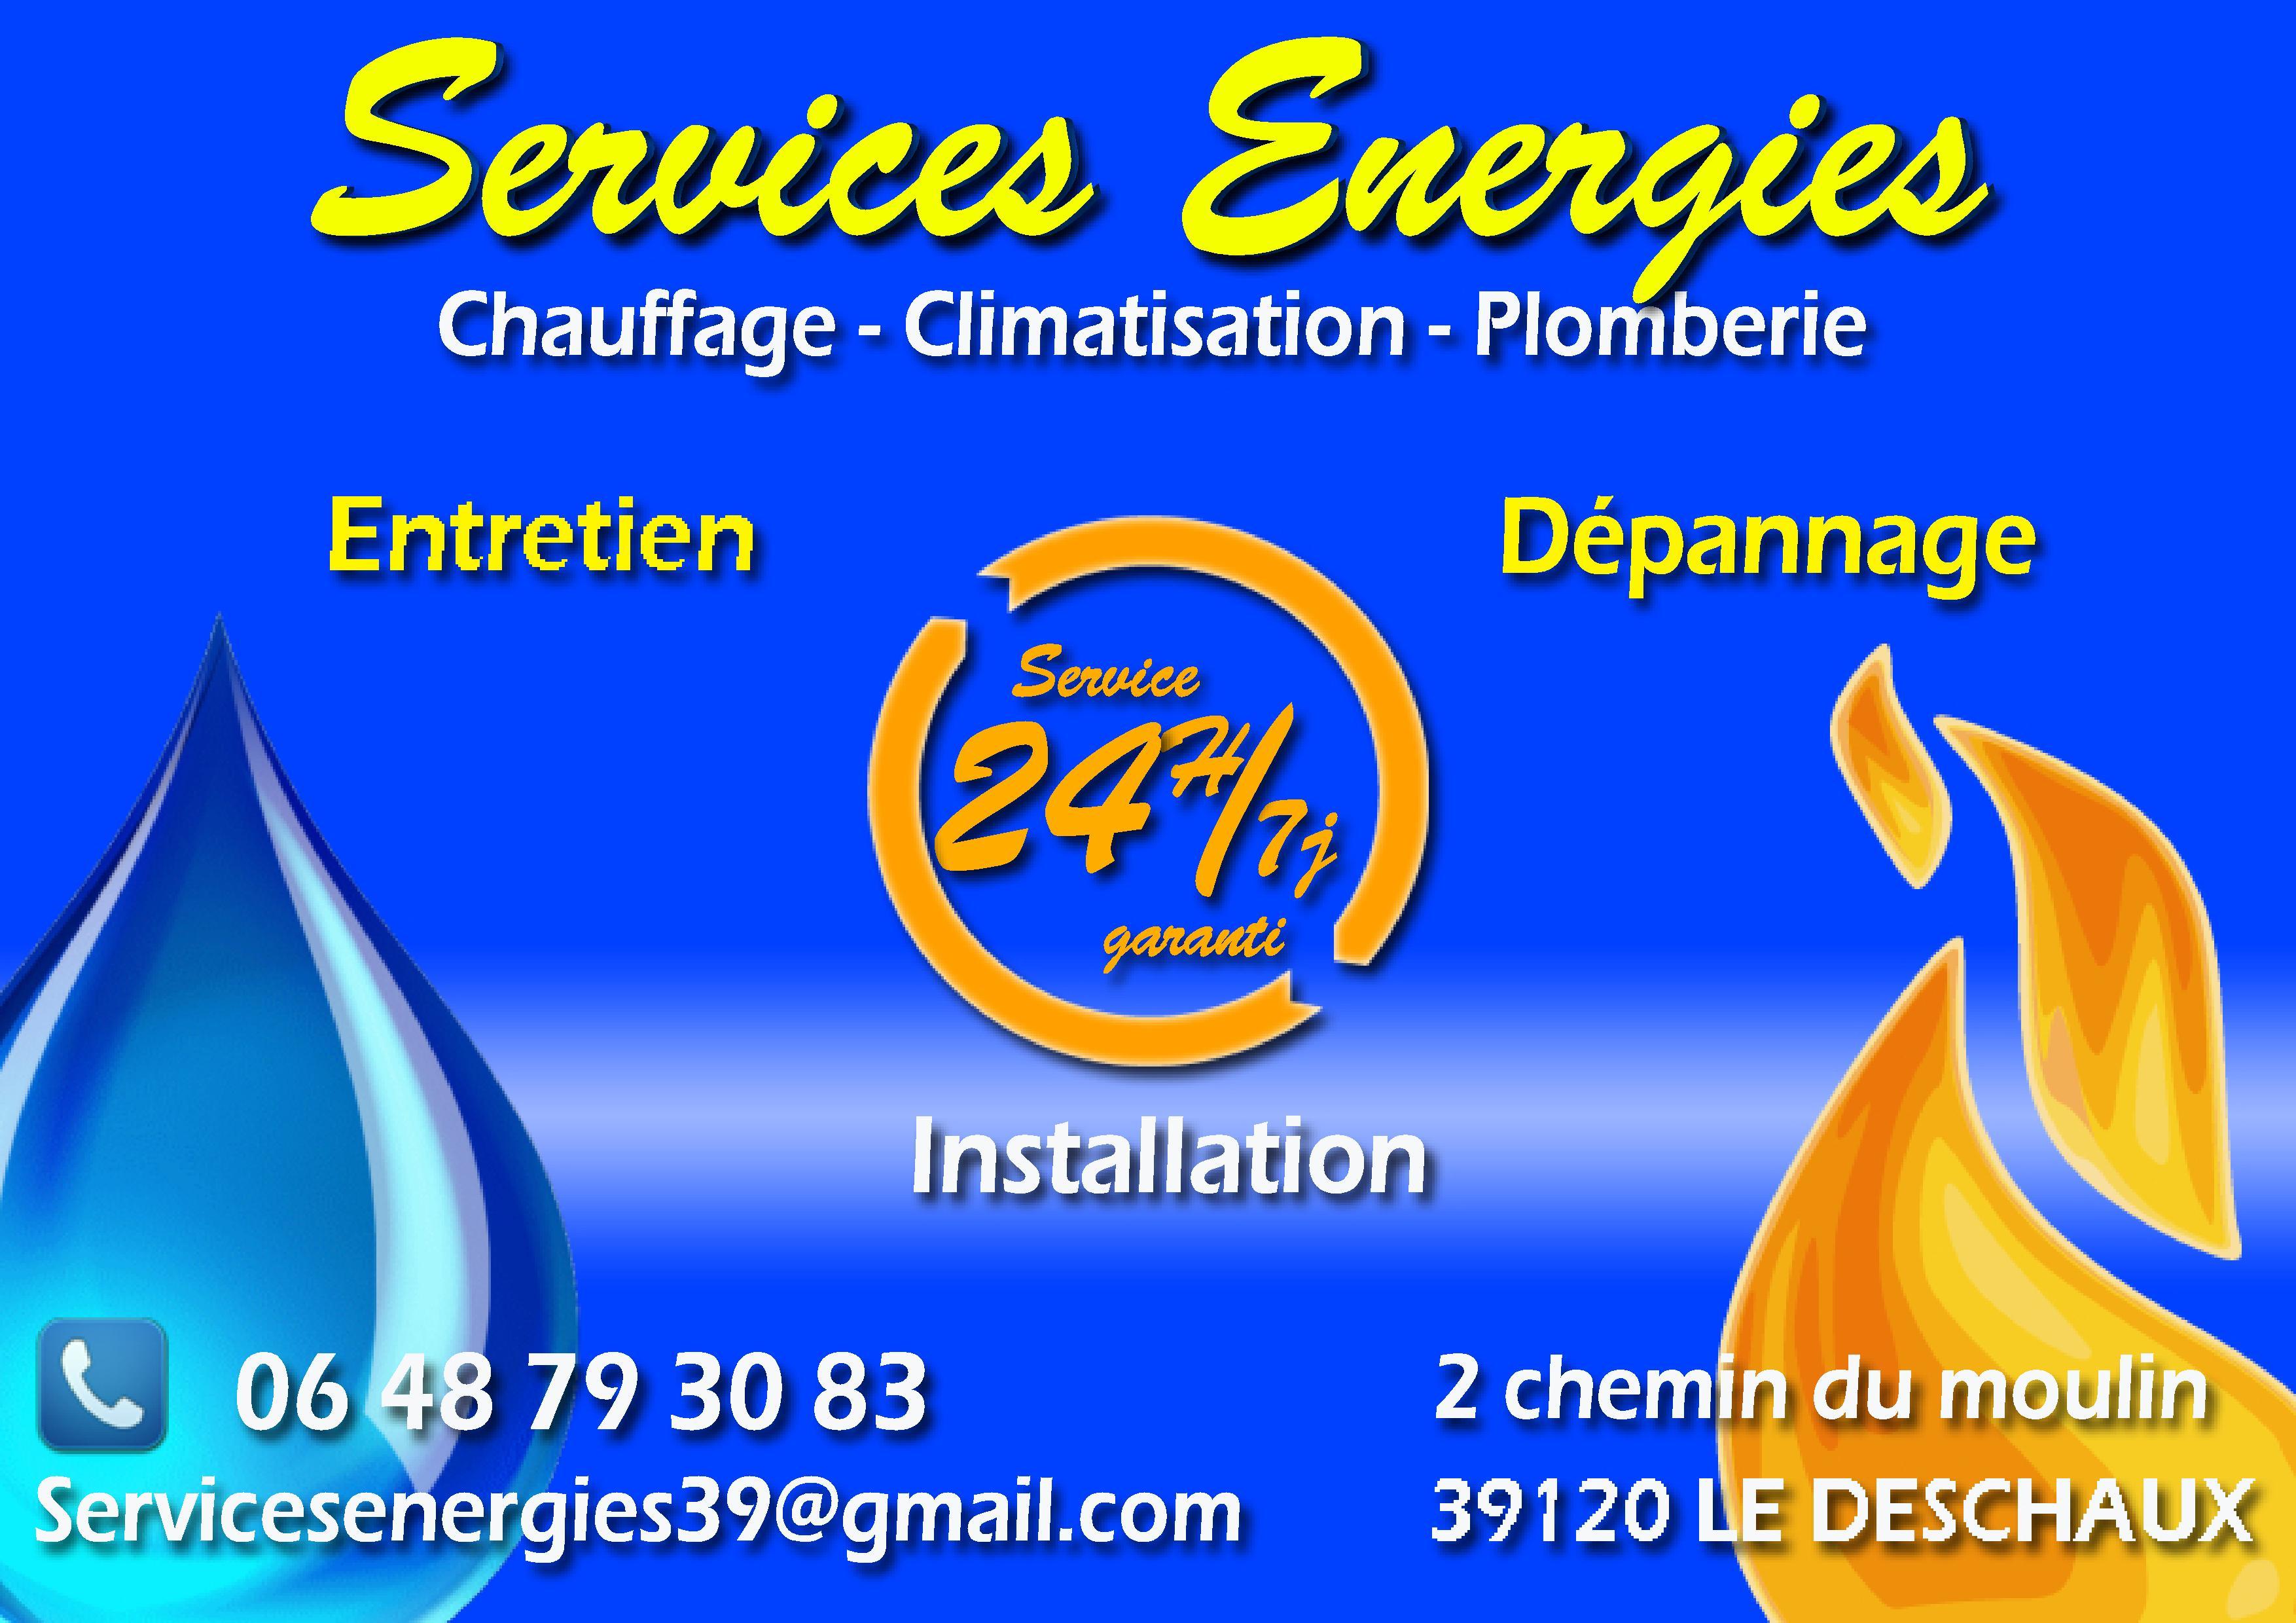 services énergies